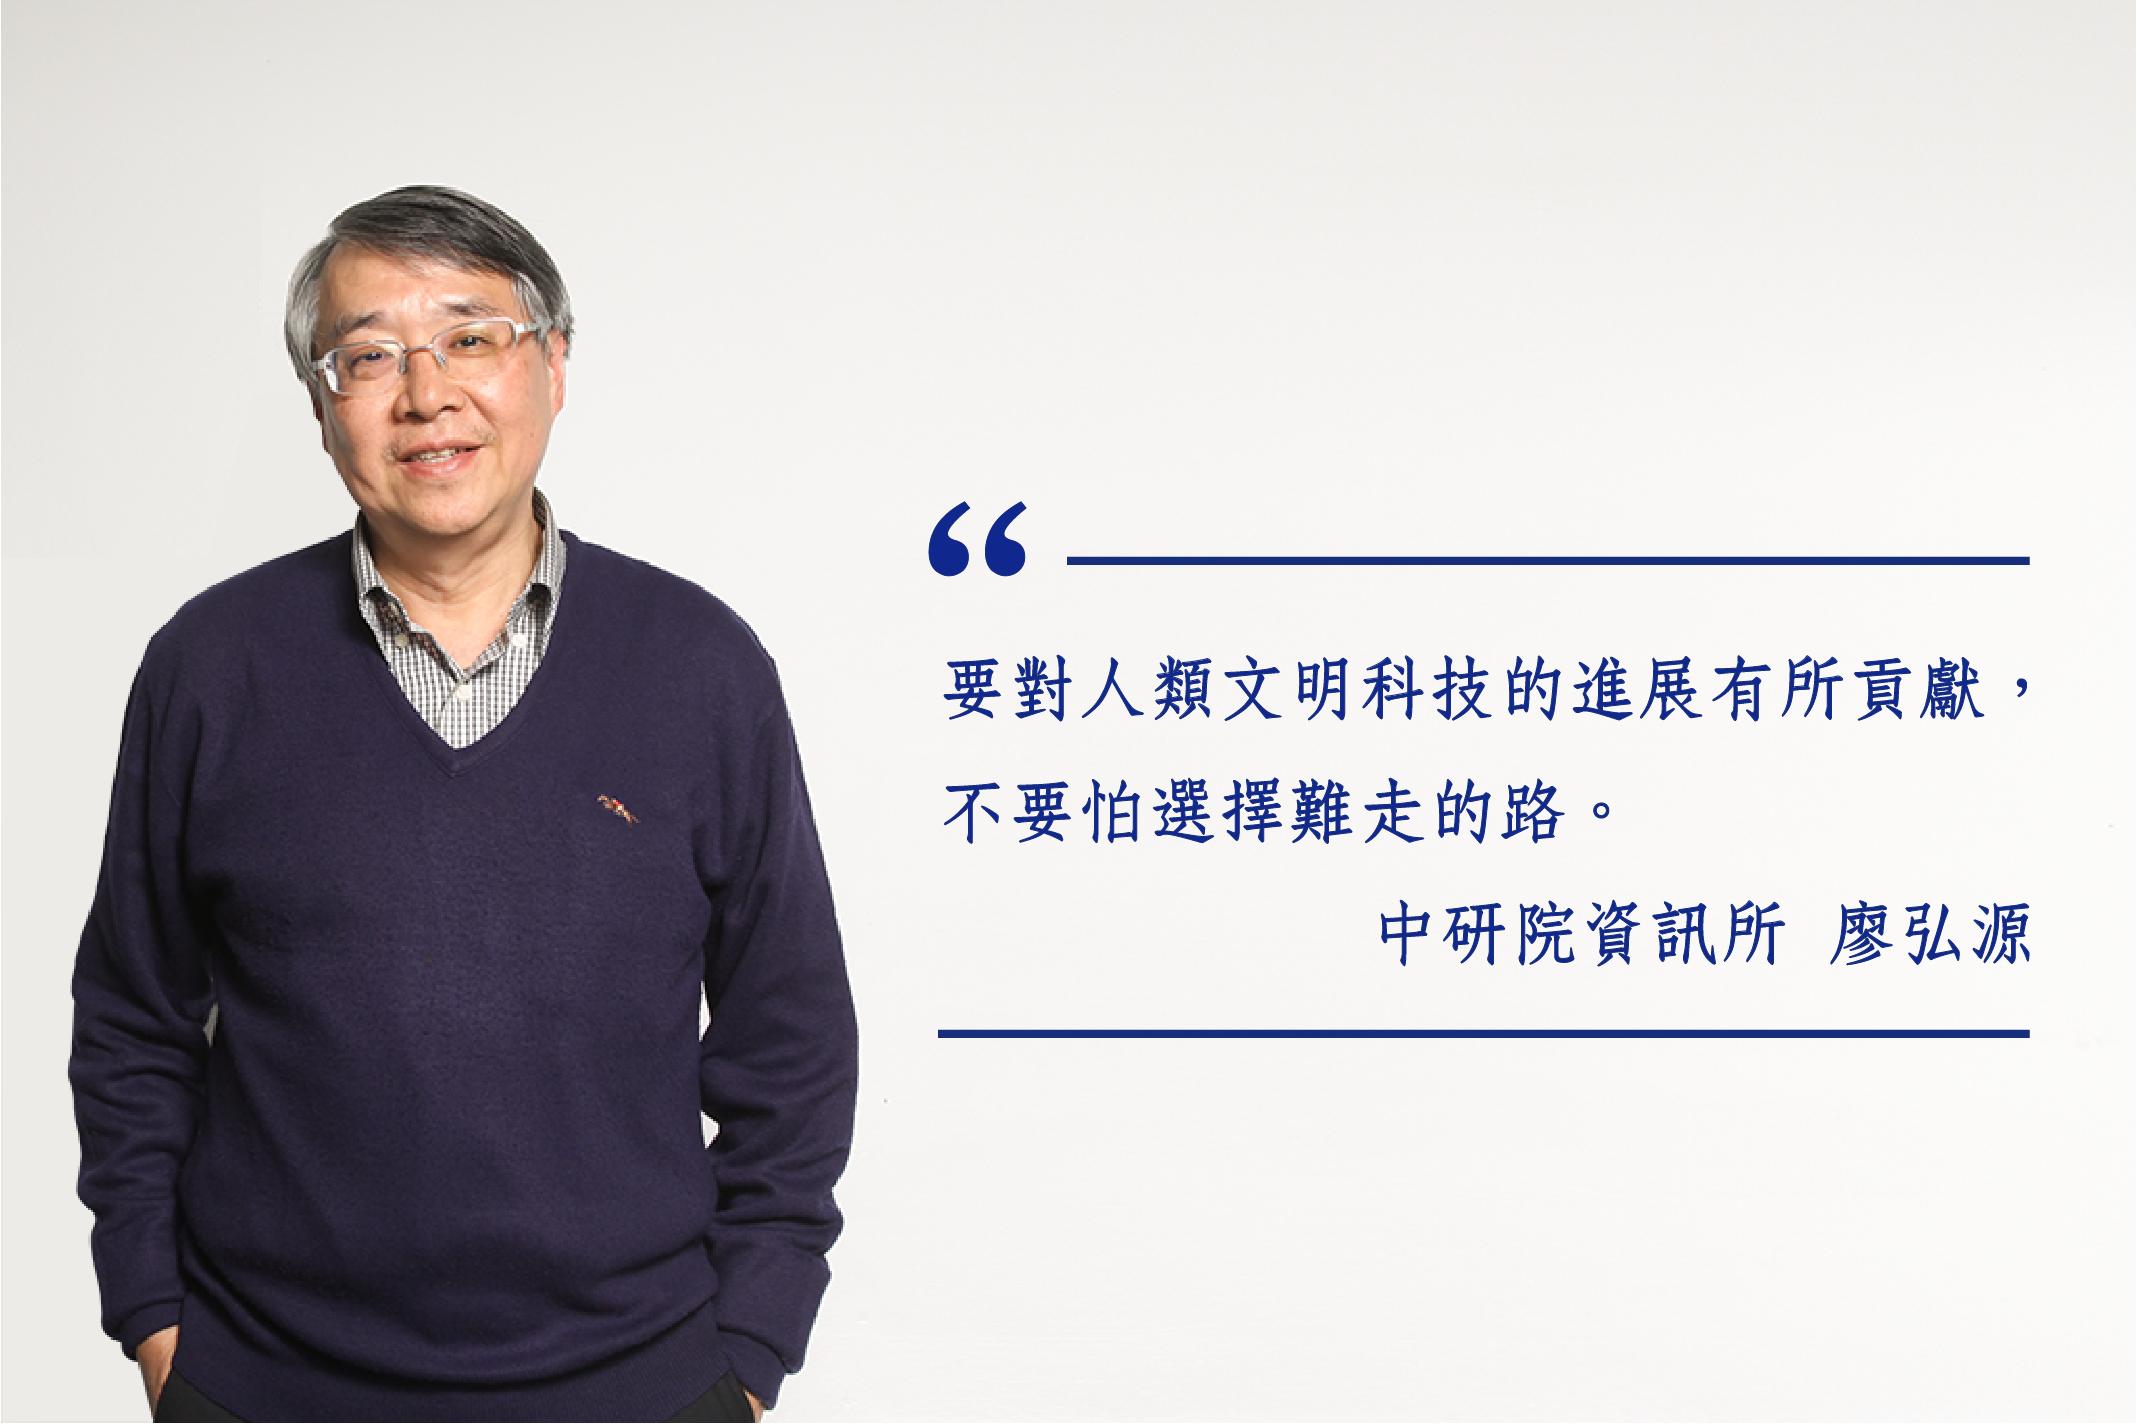 研究電腦視覺及機器學習,設法讓電腦變聰明的廖弘源博士。攝影:張語辰 圖說設計:黃楷元